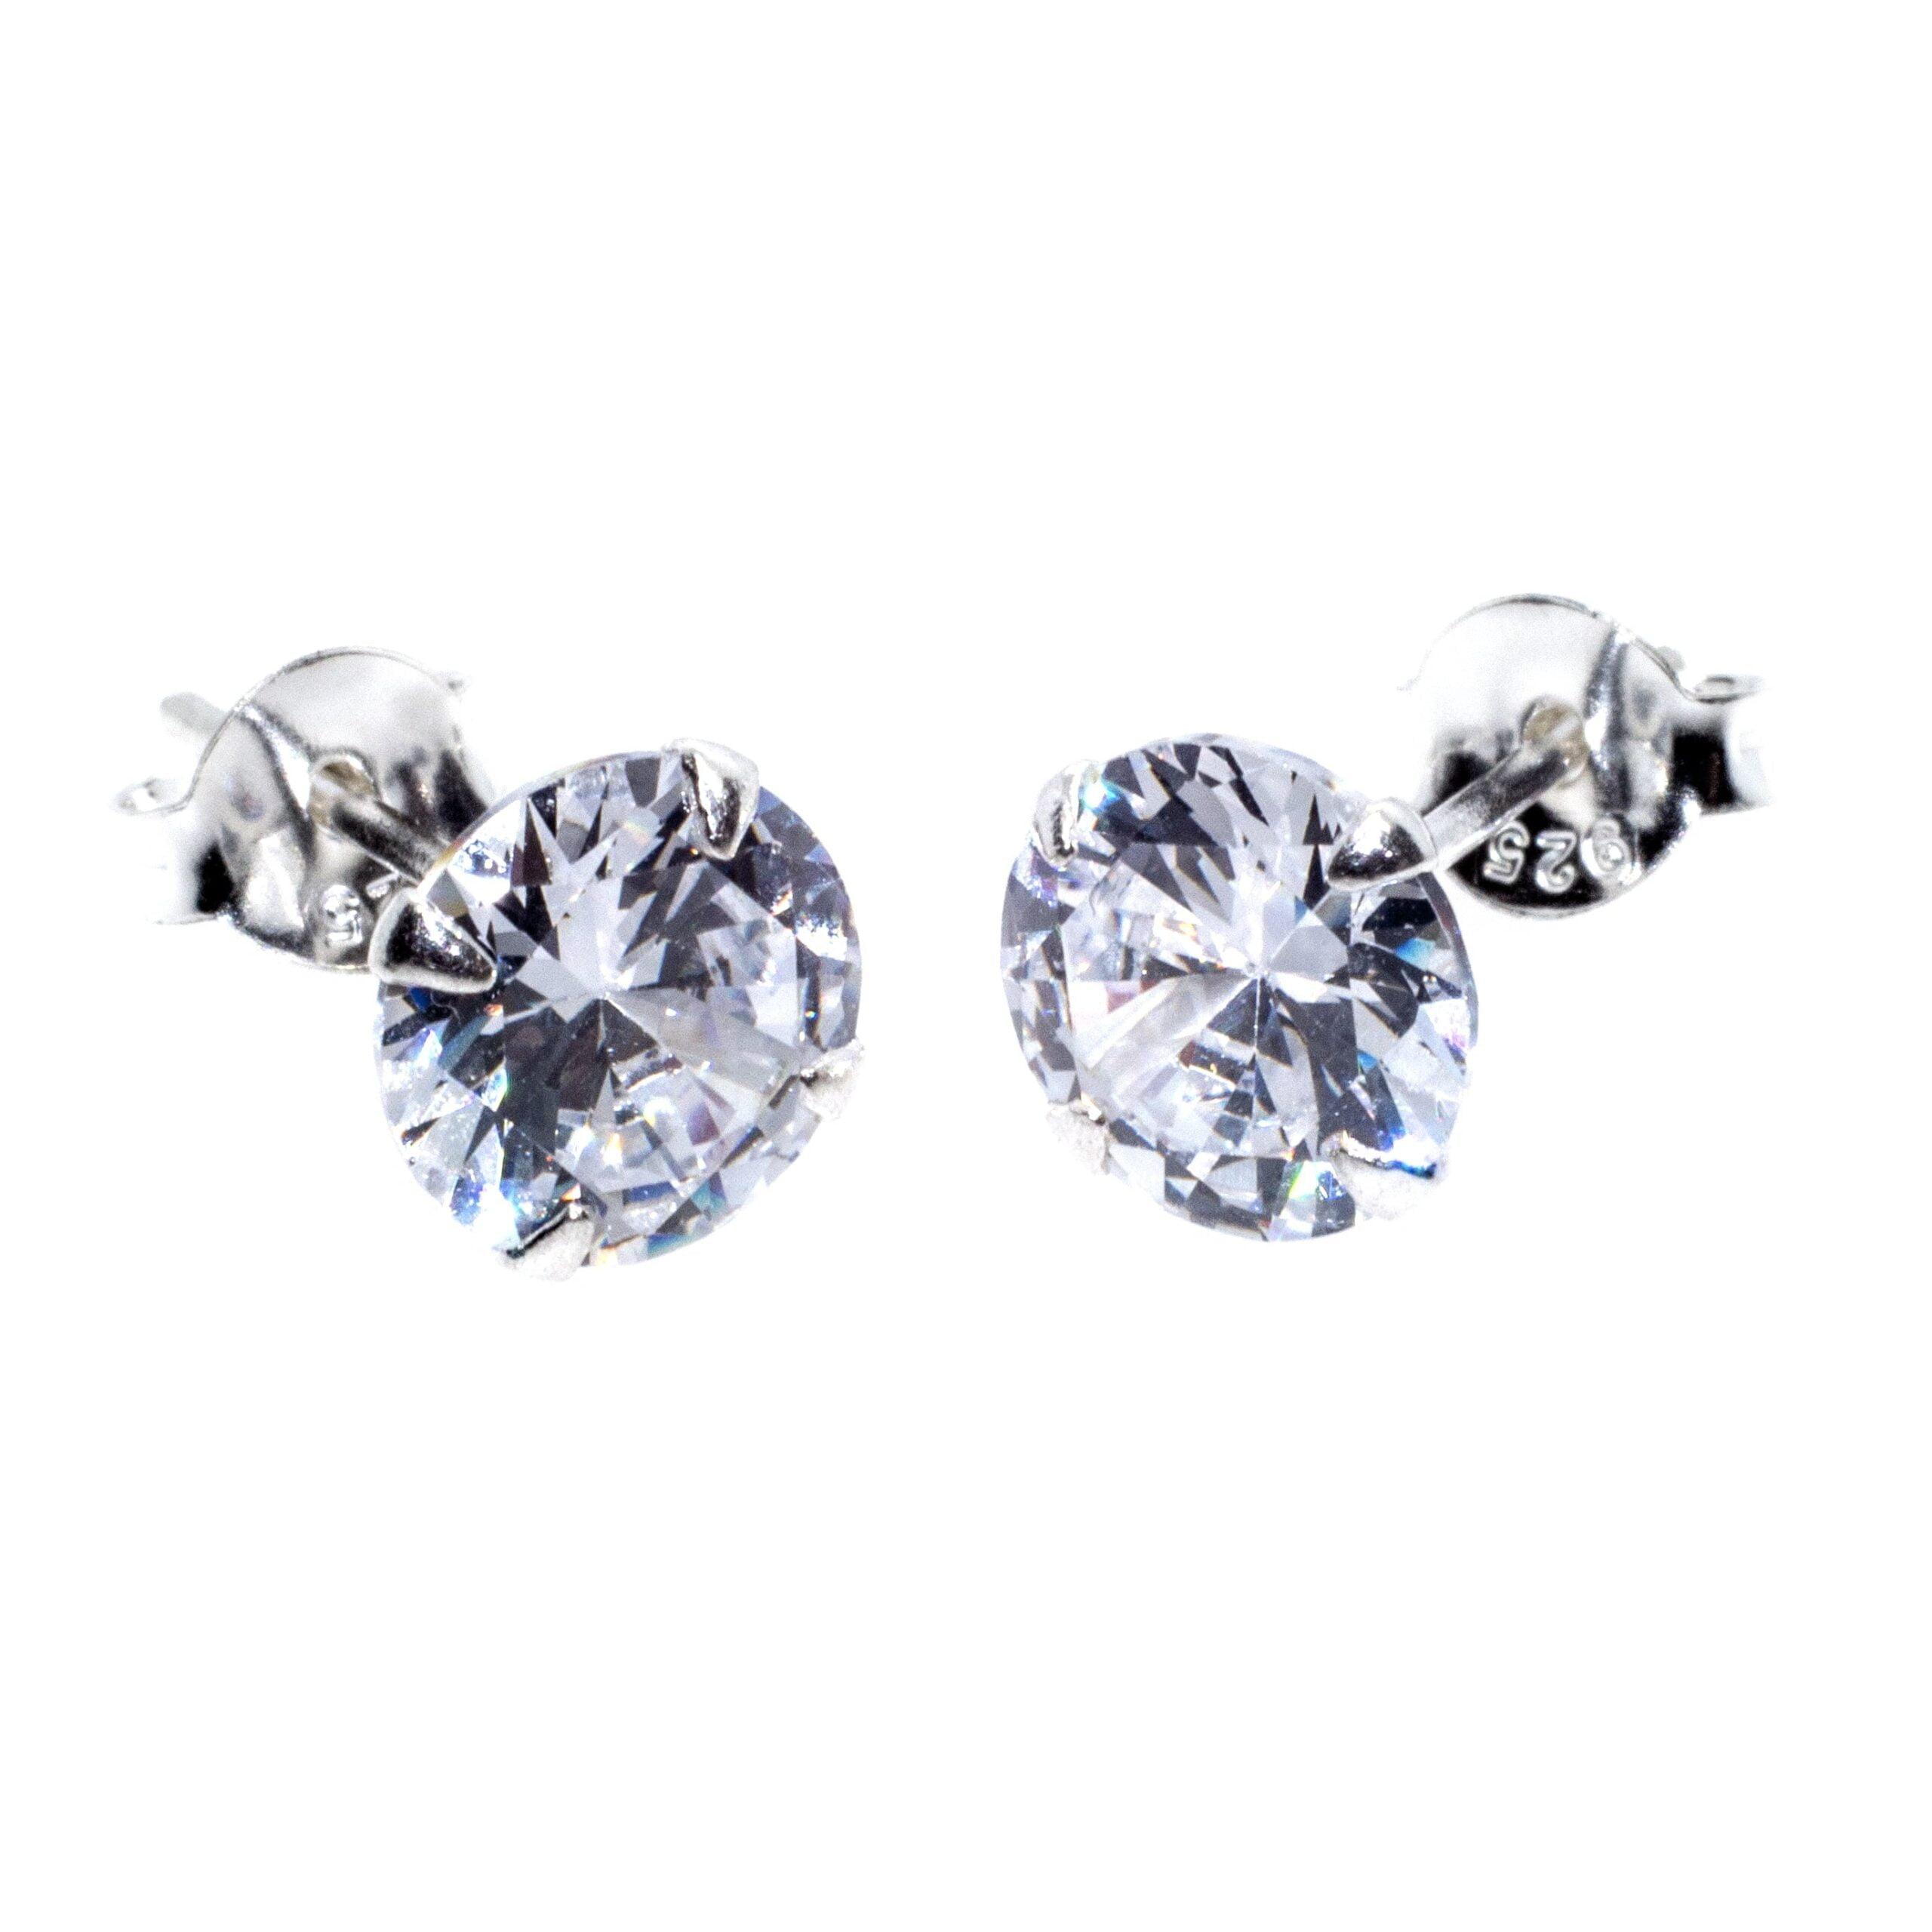 7mm silver cz stud earrings alt 2